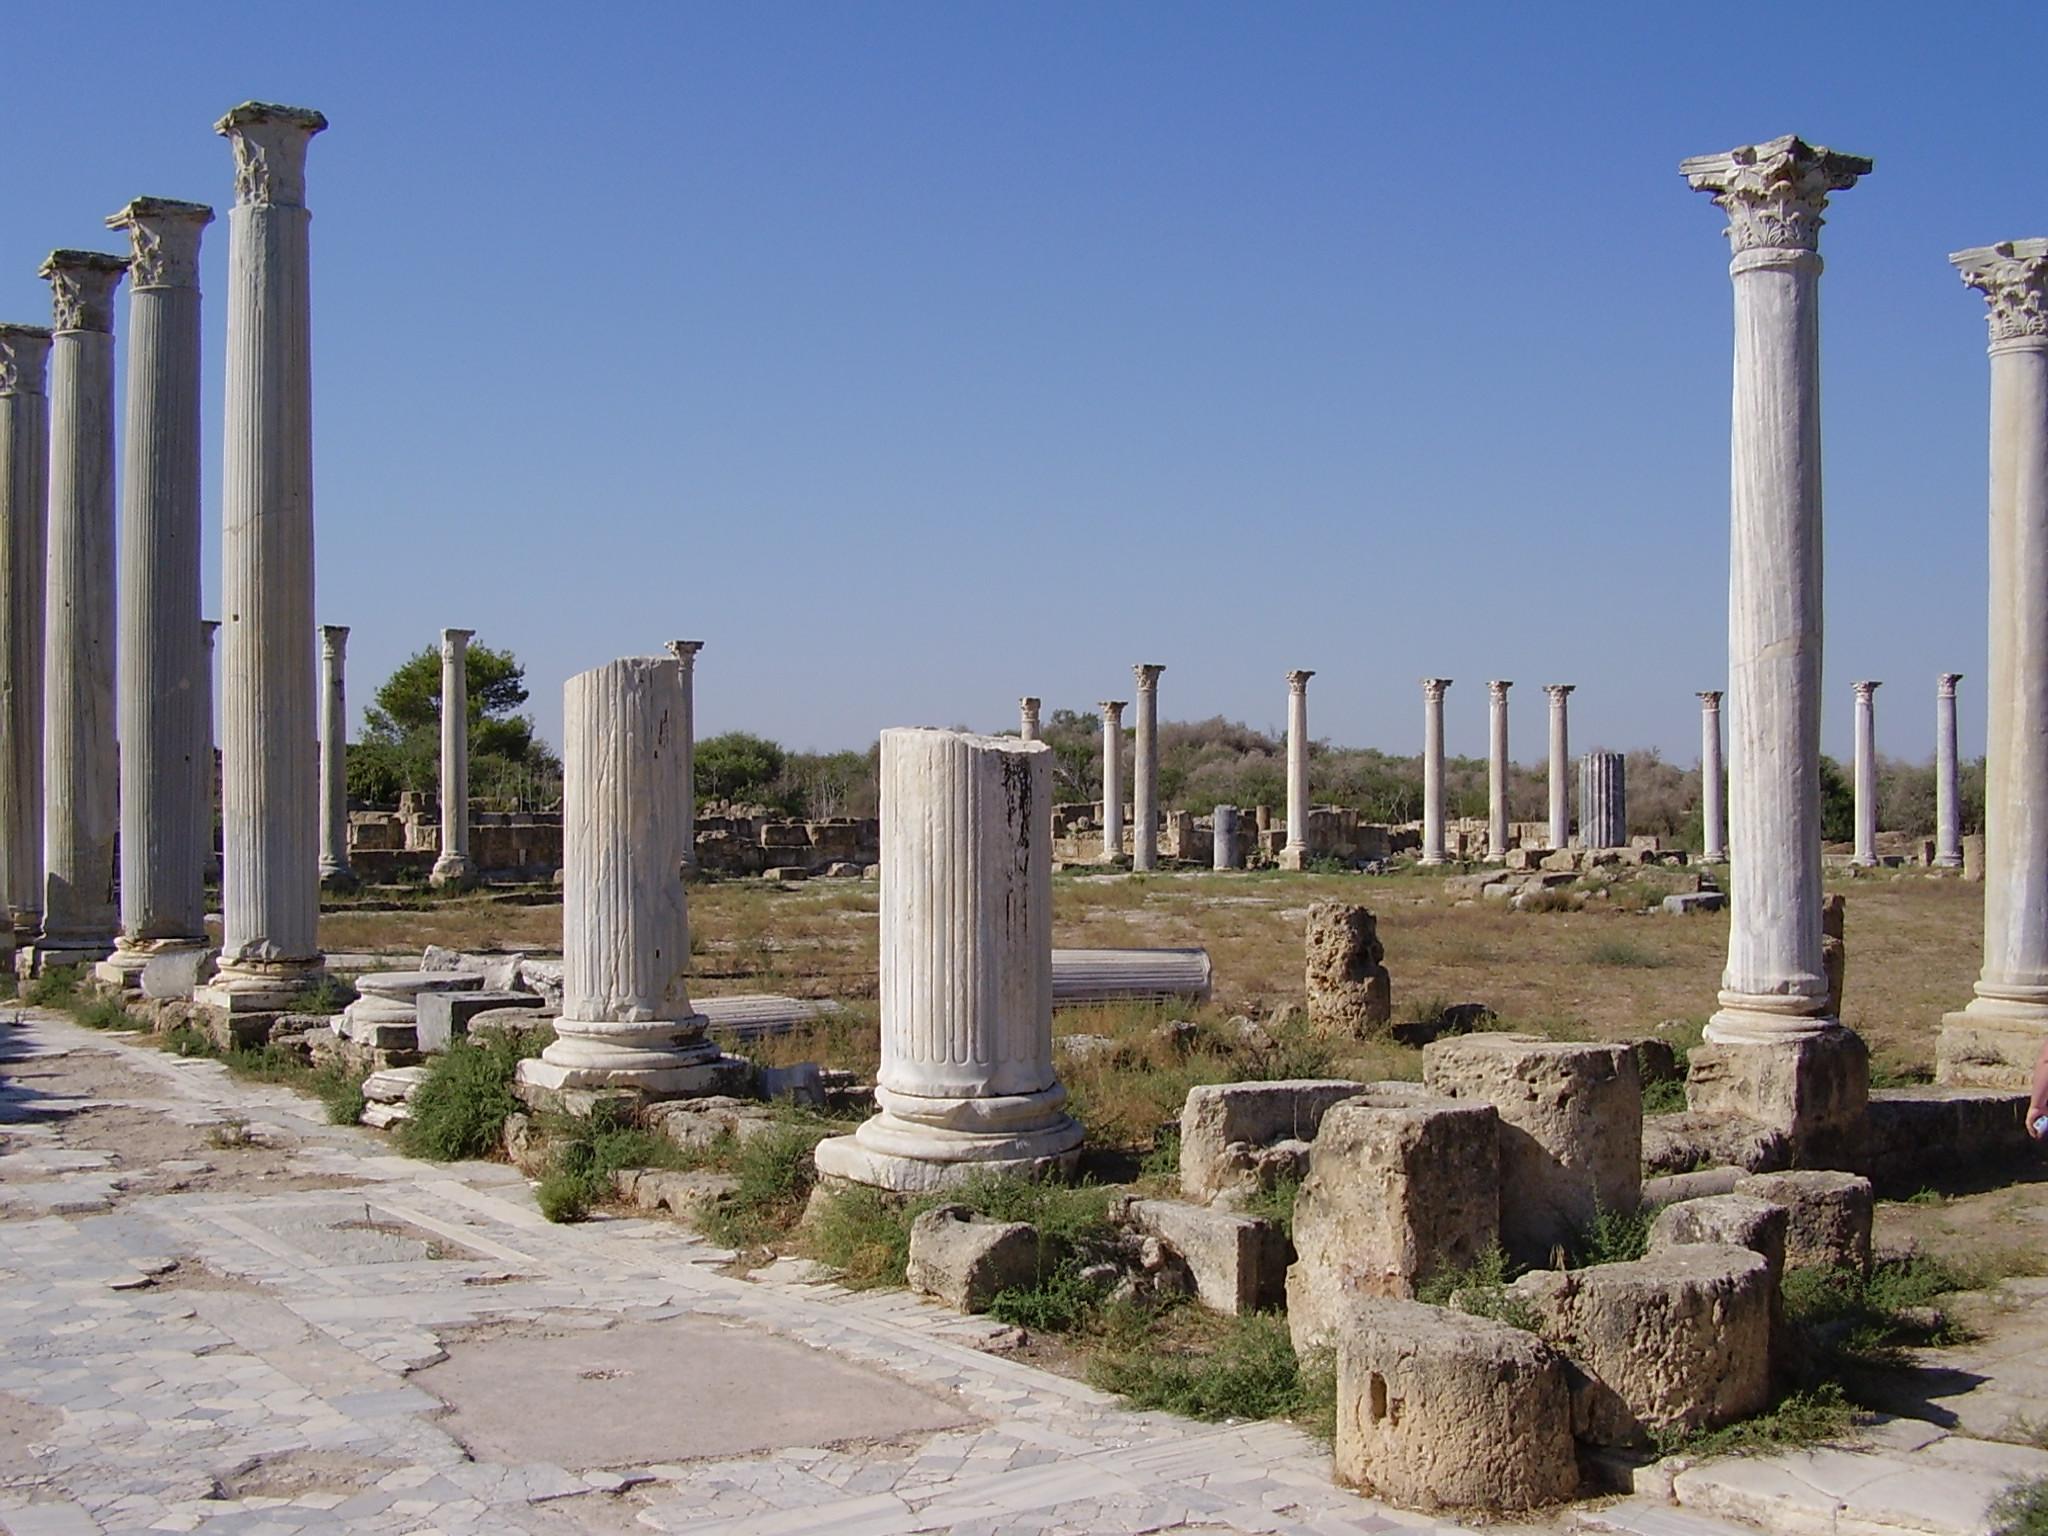 salamis harabeleri kibris 4 Kıbrıs Salamis Harabeleri